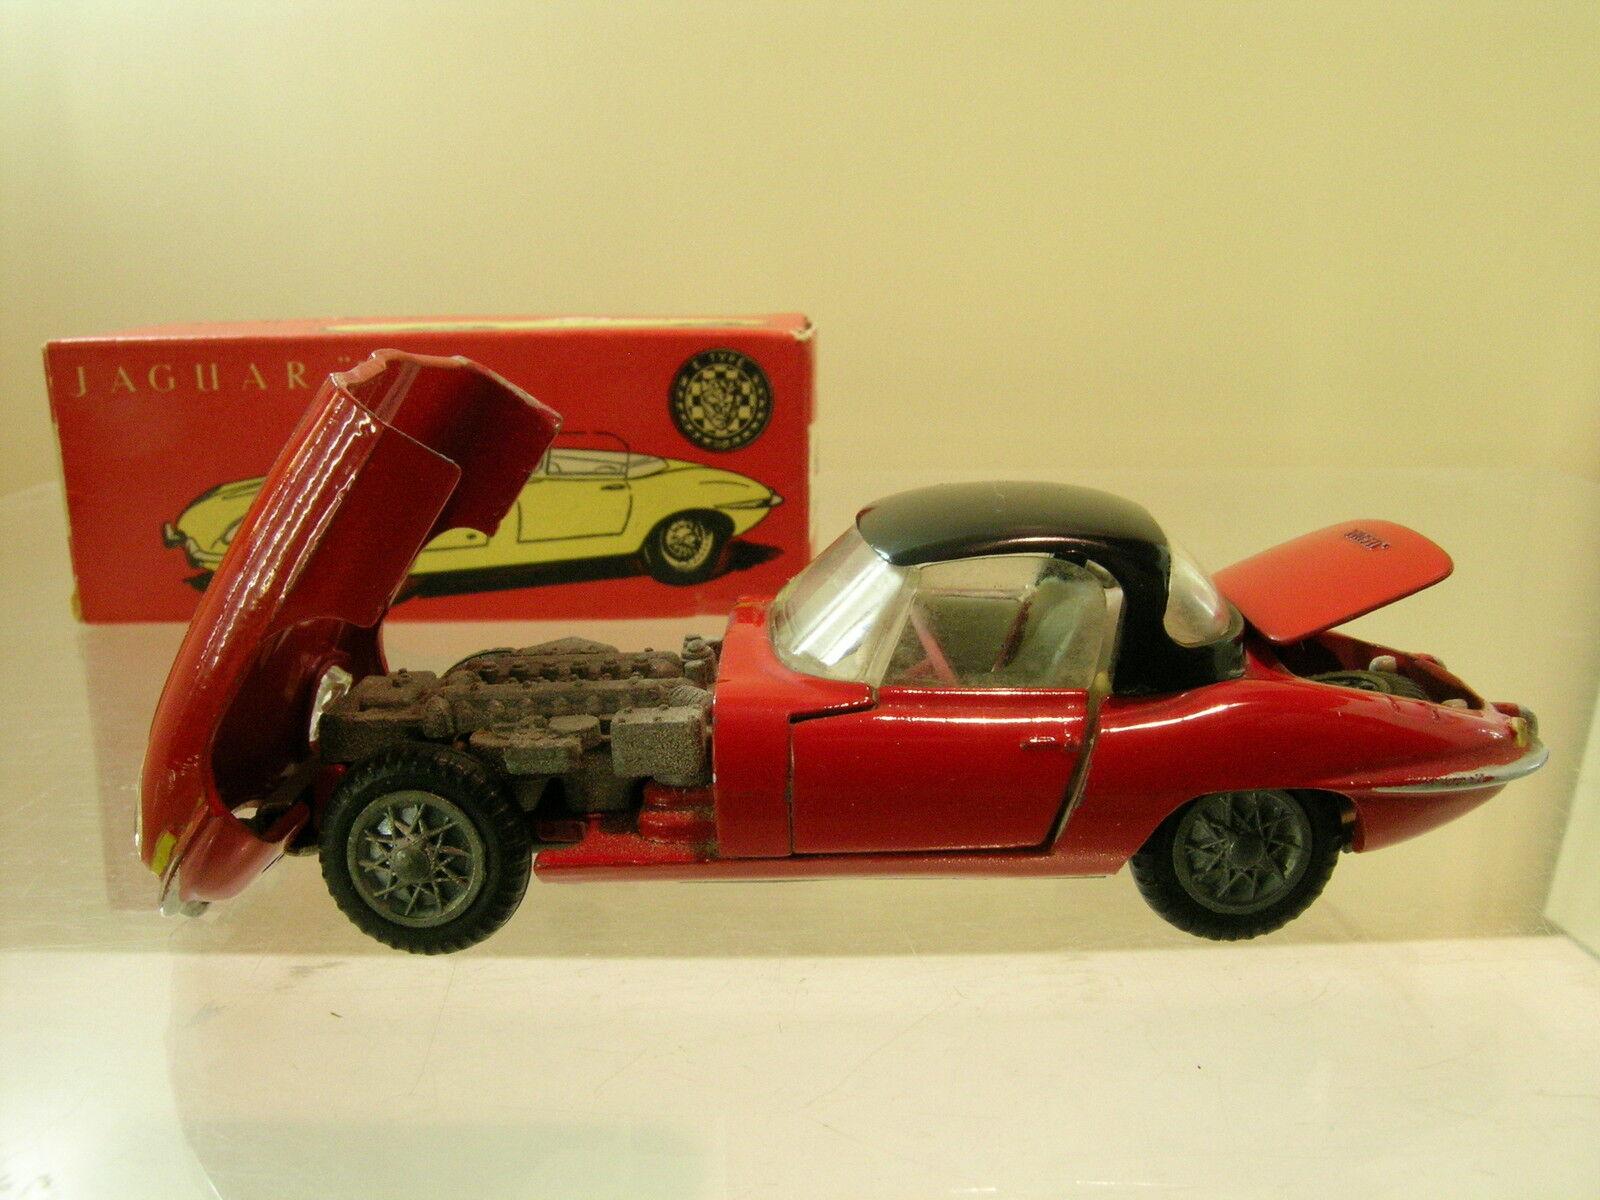 TEKNO DENMARK No. 927-171 JAGUAR E-TYPE rosso-nero TOP +  BOX SCALE 1 43